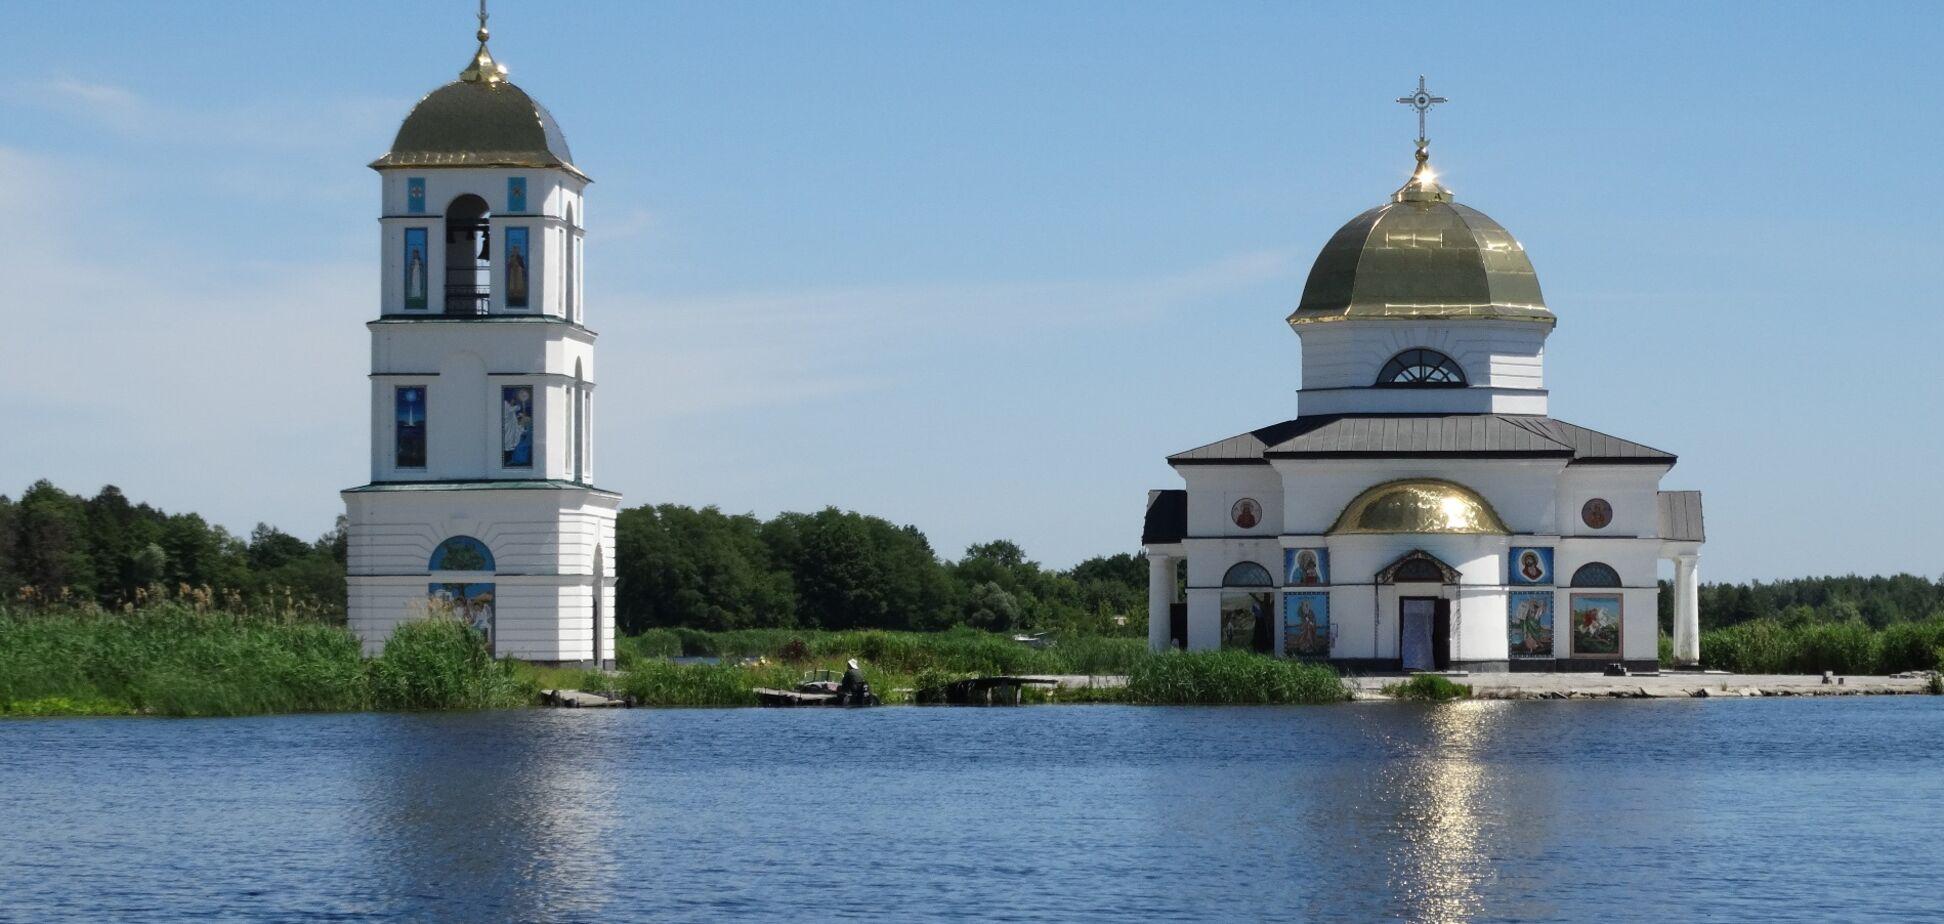 Куди поїхати на день з Києва: Голлівуд над Дніпром